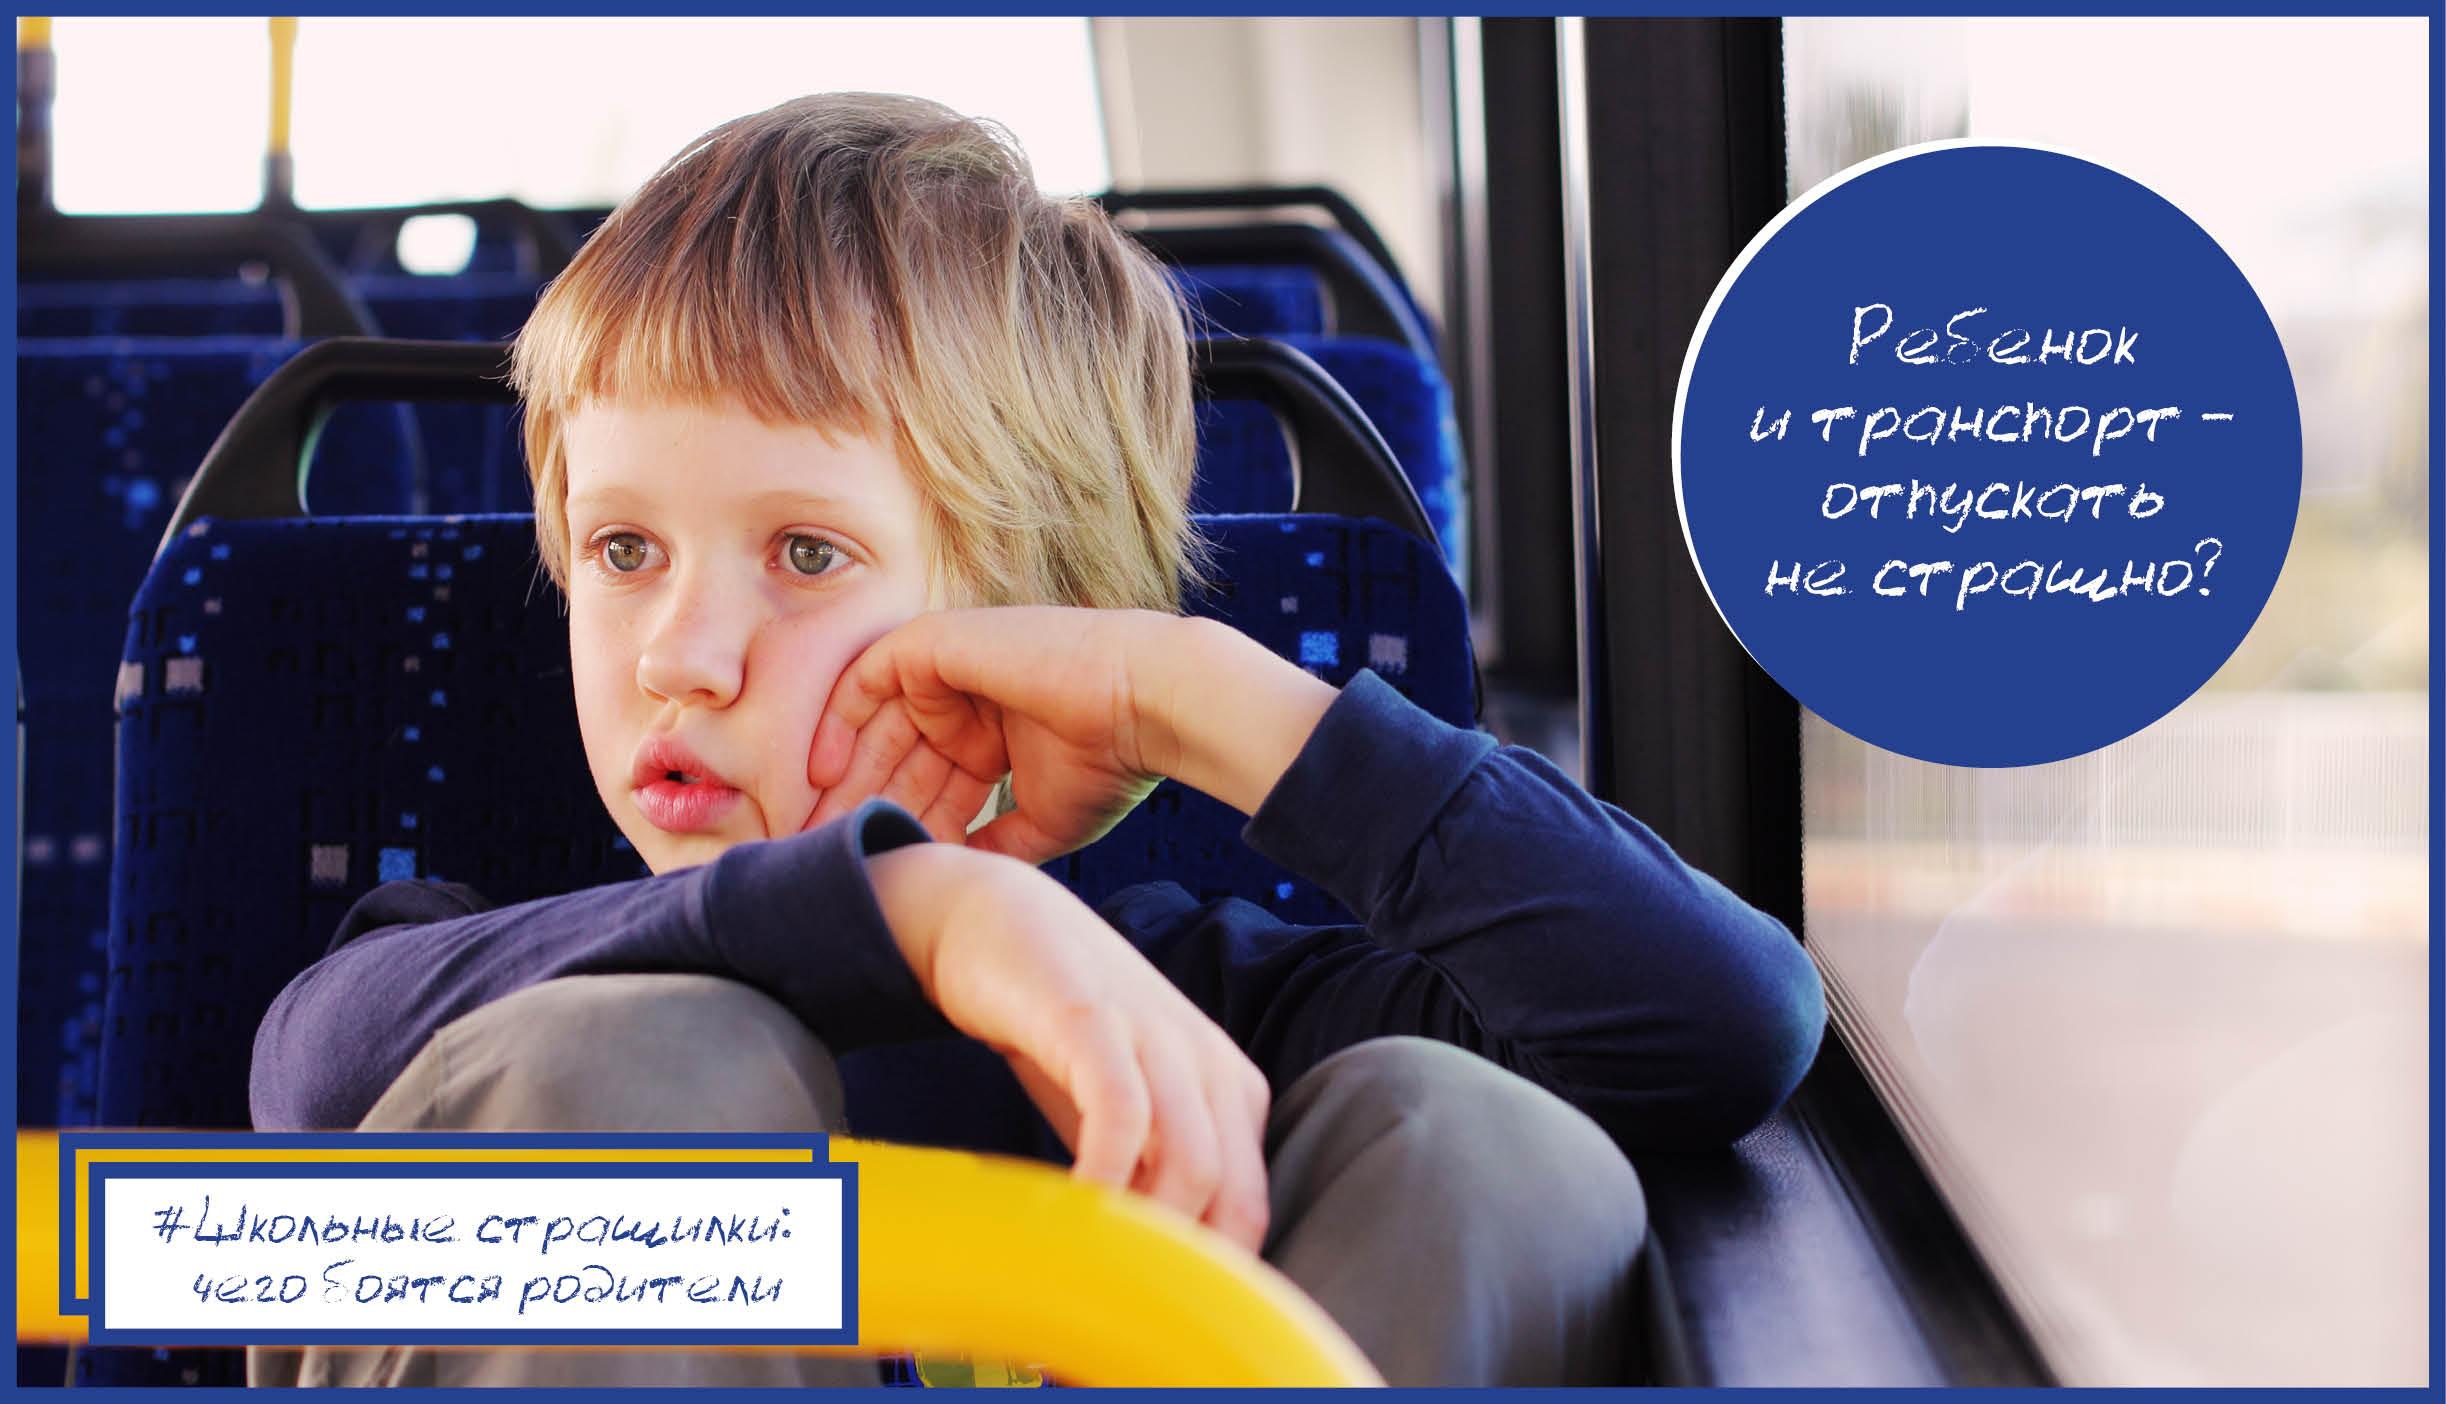 Достаточно установить себе на телефон мобильное приложение «Т-карта», чтобы знать о перемещениях своего чада на городском общественном транспорте